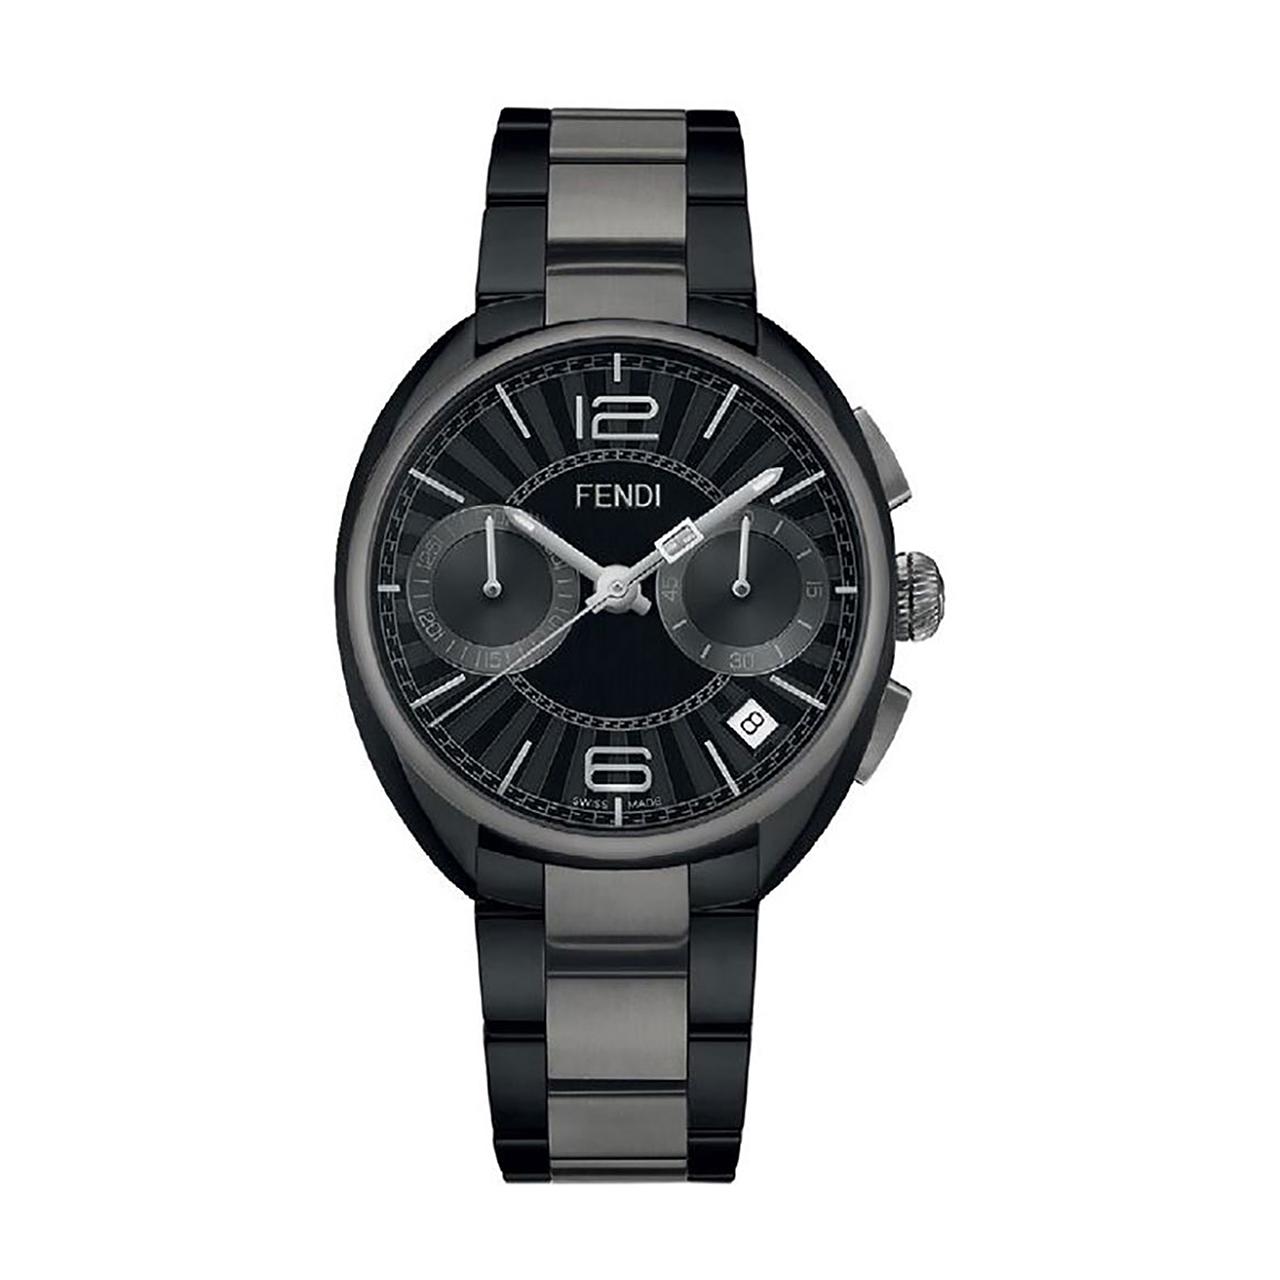 ساعت مچی عقربه ای مردانه فندی مدل F219611600